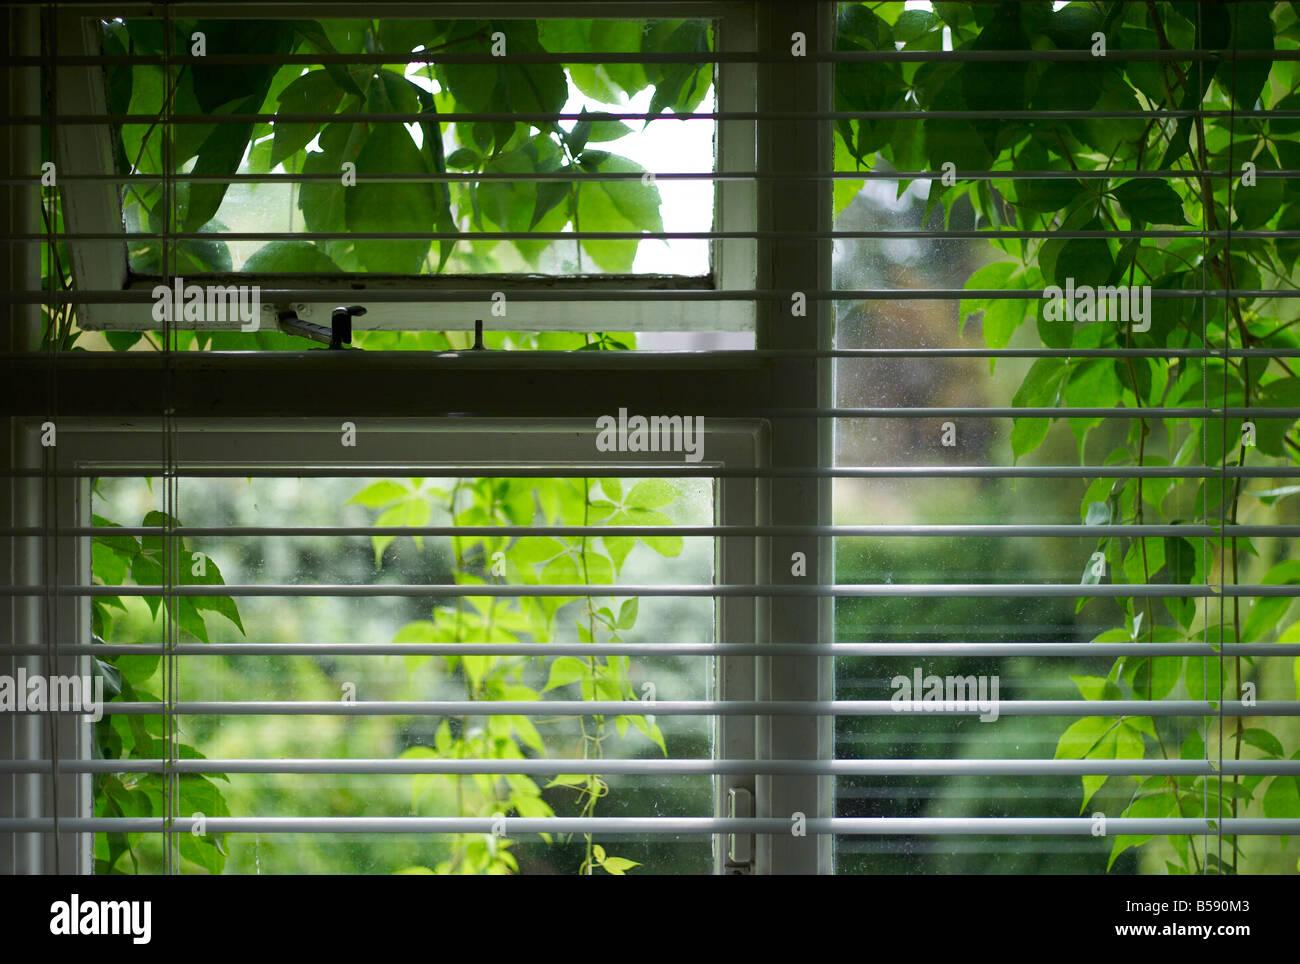 Horizontal-Jalousien auf ein Fenster, das auf der Außenseite von Efeu Blättern bedeckt ist Stockbild